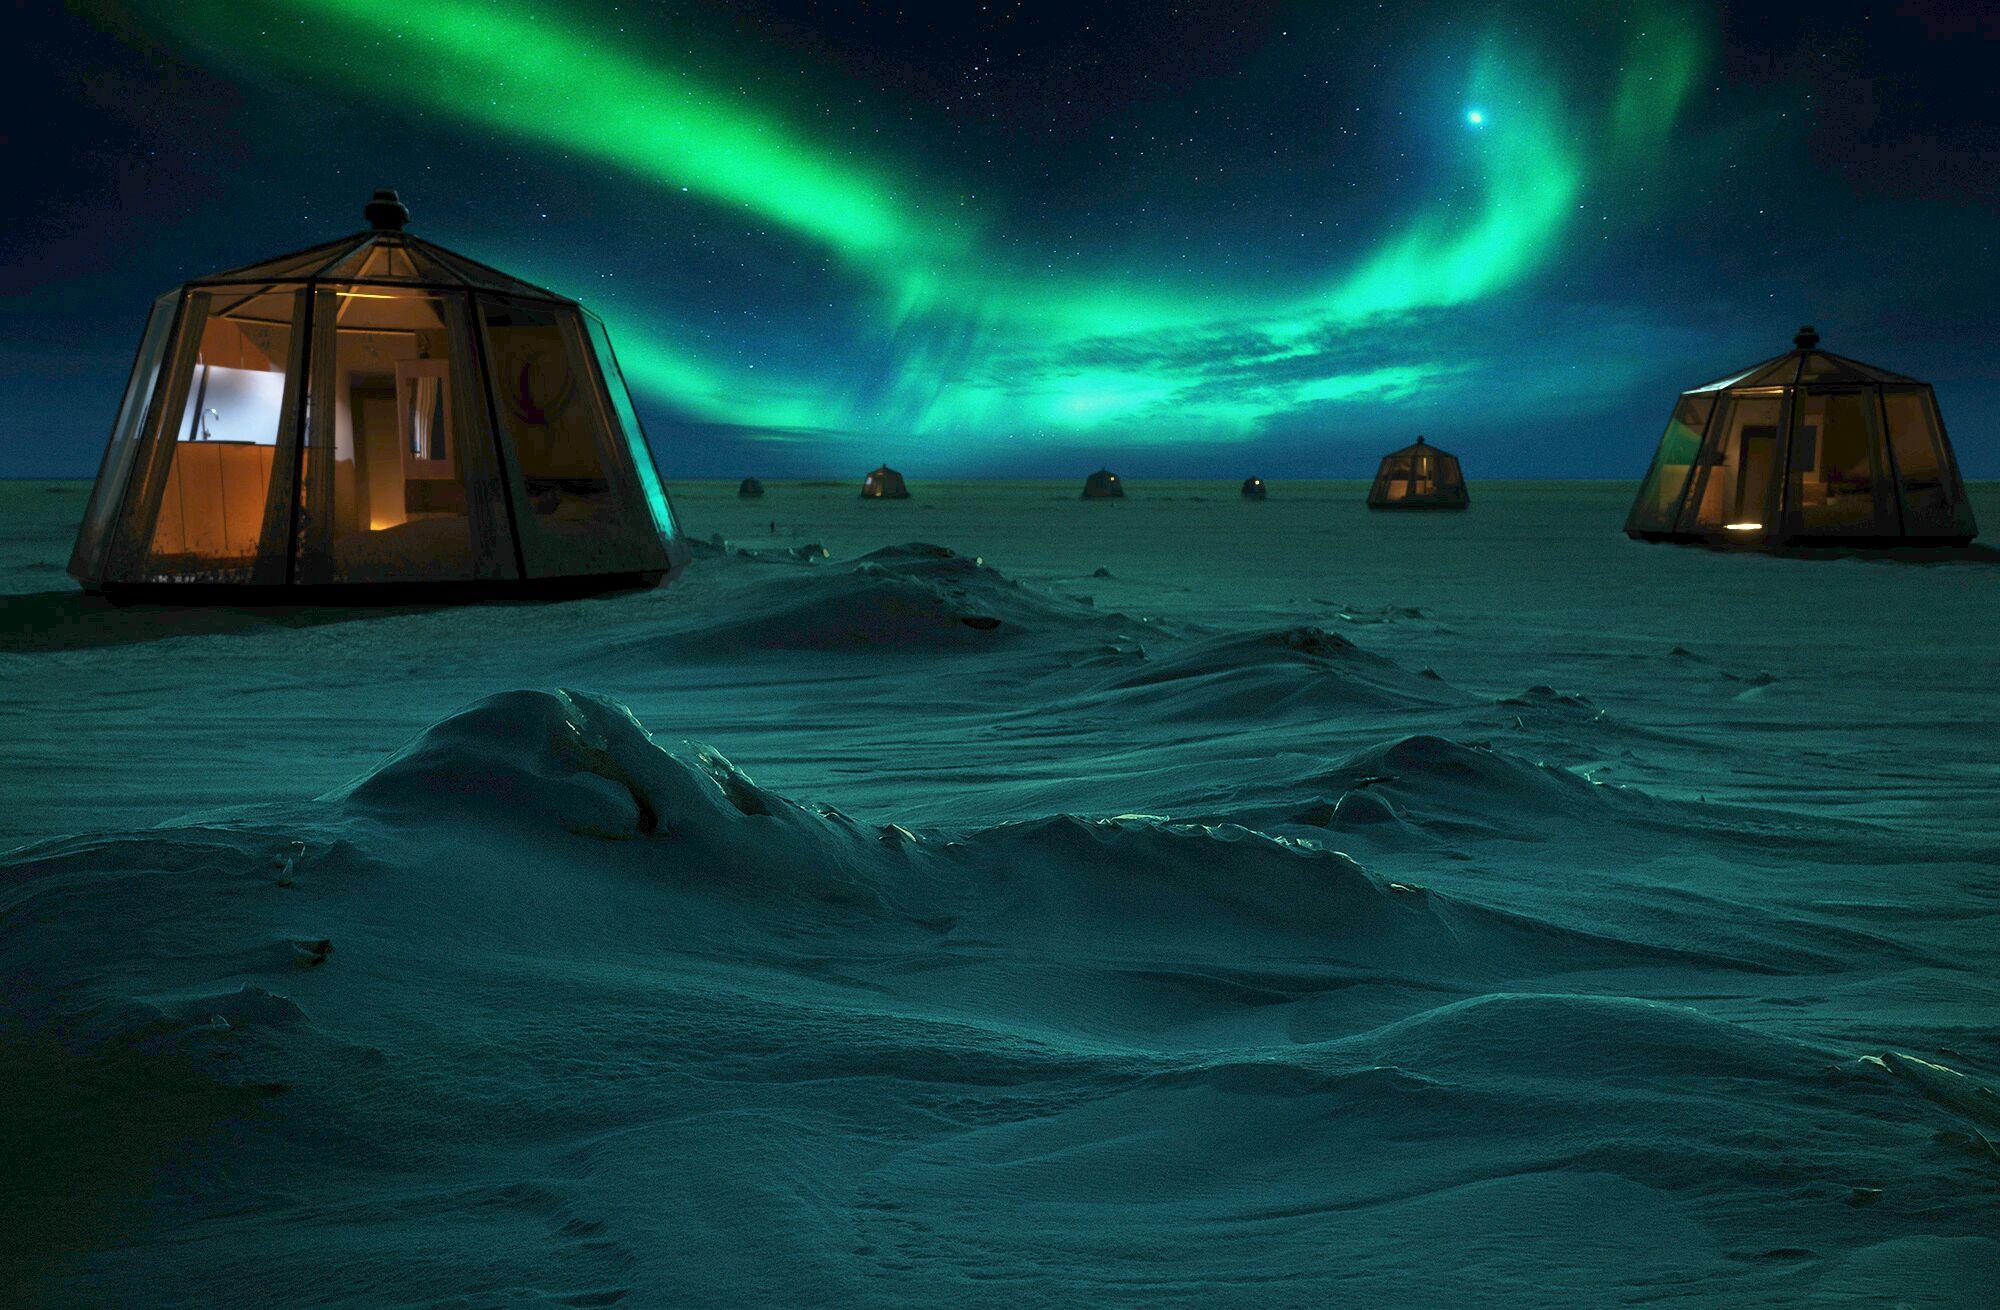 [ASTRONOMIA]   este hotel no Pólo Norte será um luxo iluminado pelas auroras boreais